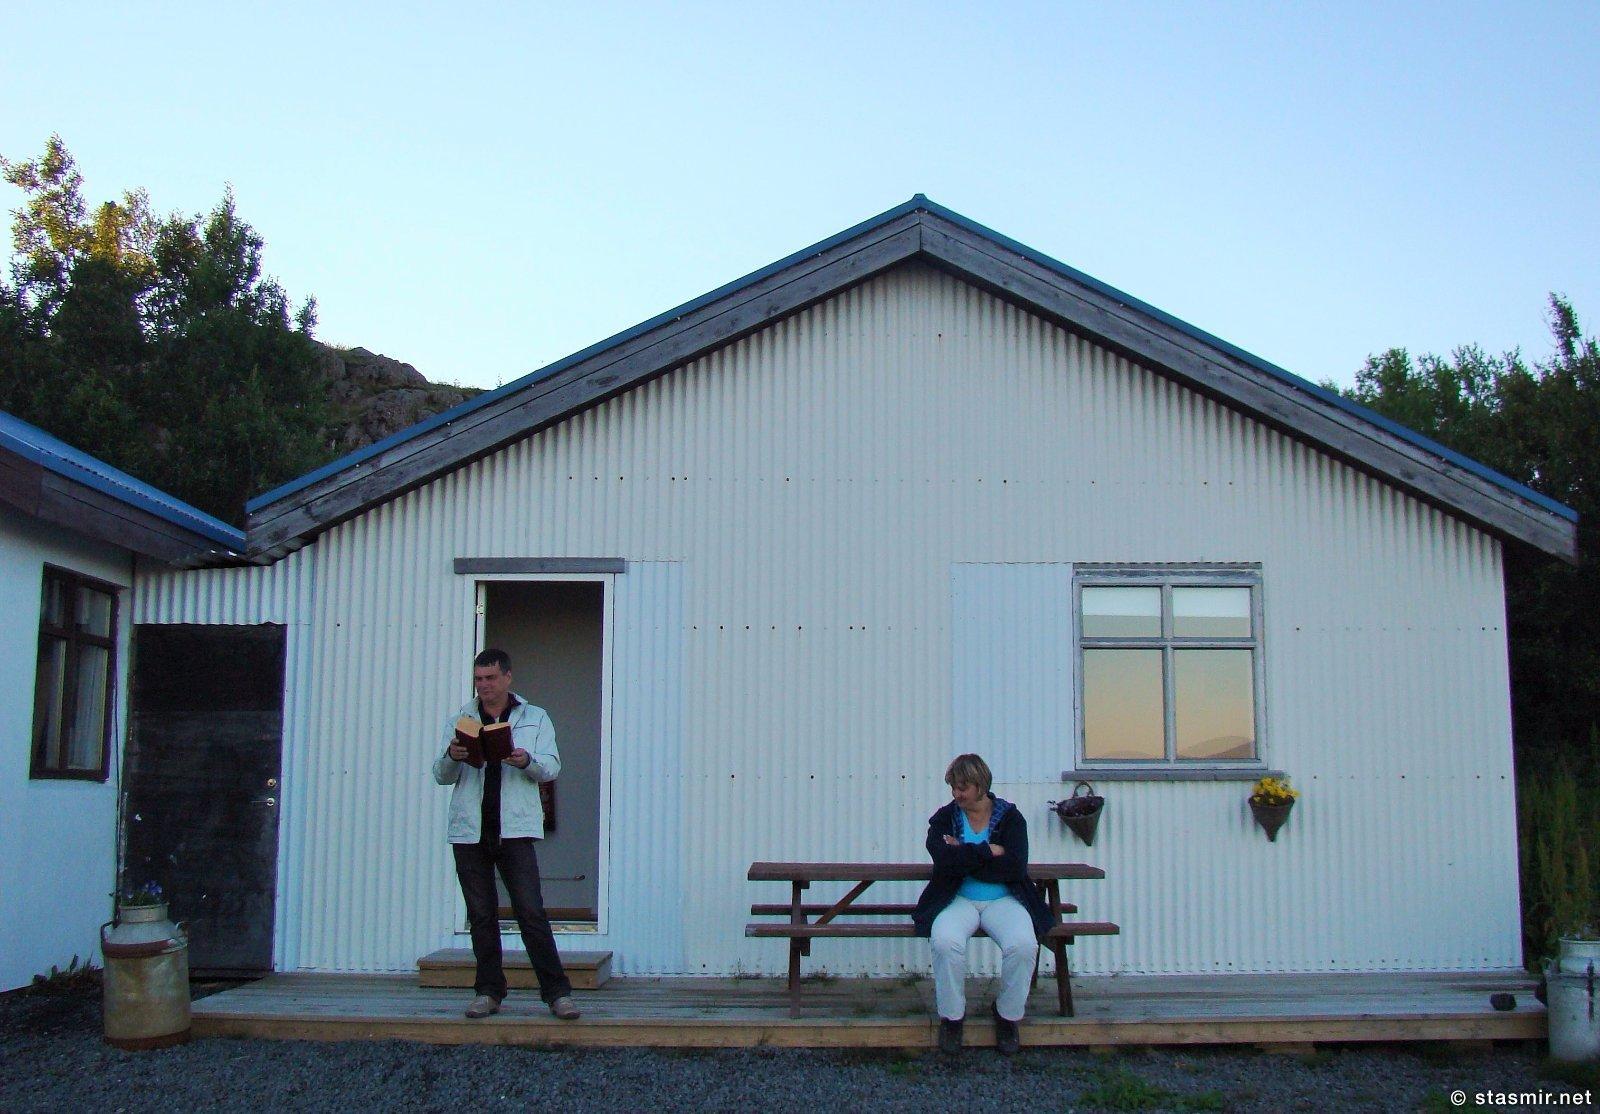 Ensku húsið, ферма номер сто, Борганес, Исландия, фото Стасмир, Photo Stasmir